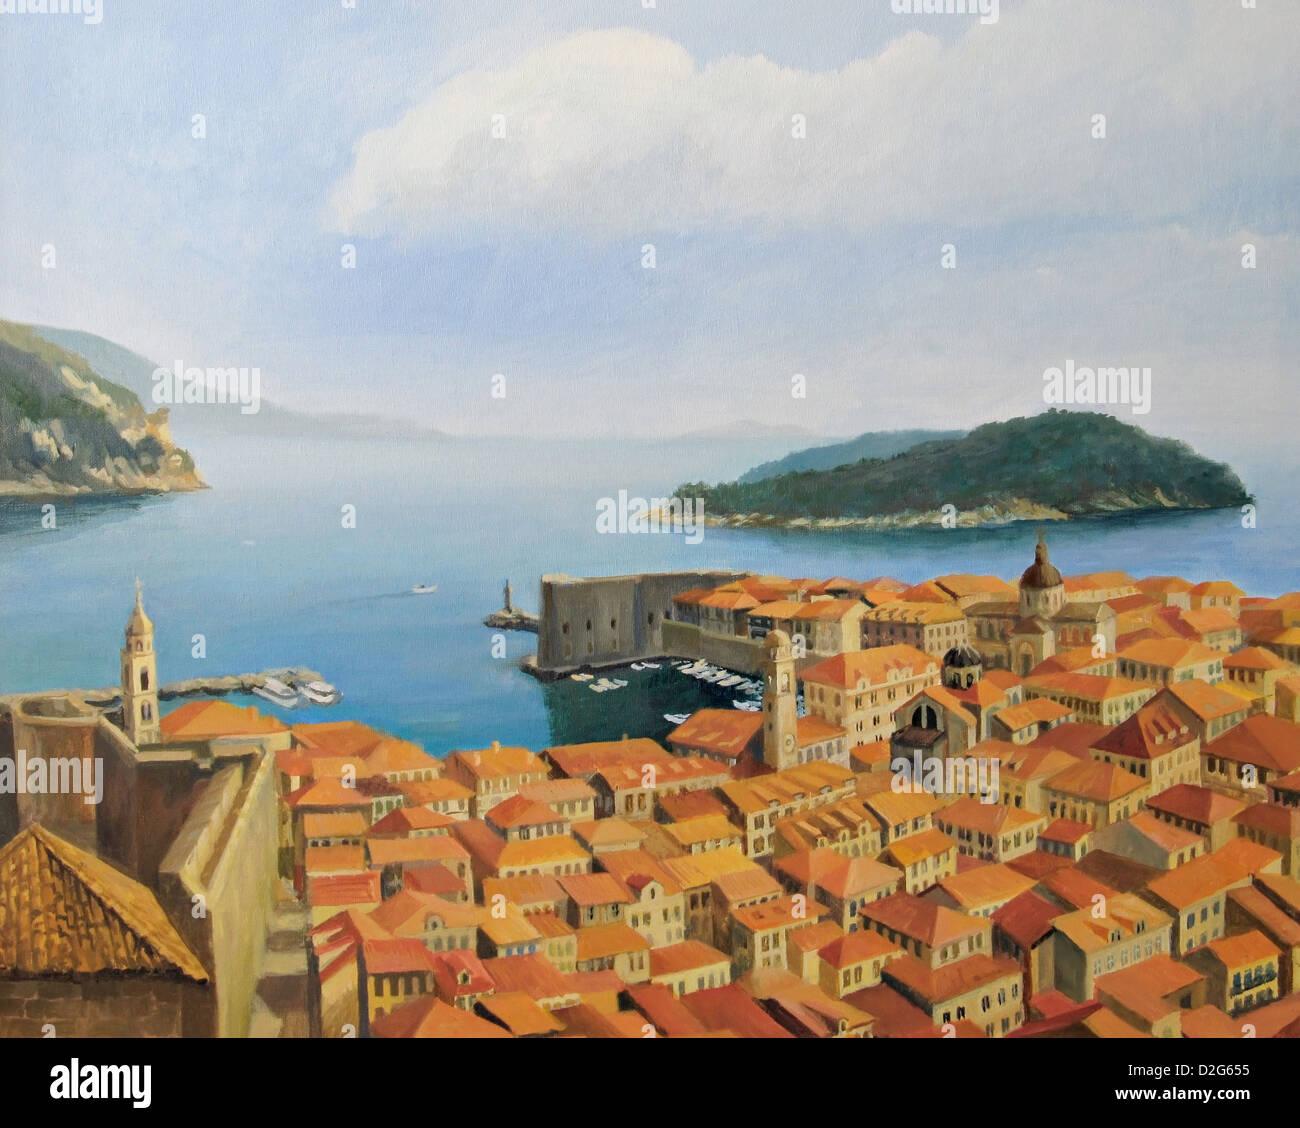 Une peinture à l'huile sur toile d'une belle vue panoramique depuis le point le plus haut de la muraille Photo Stock